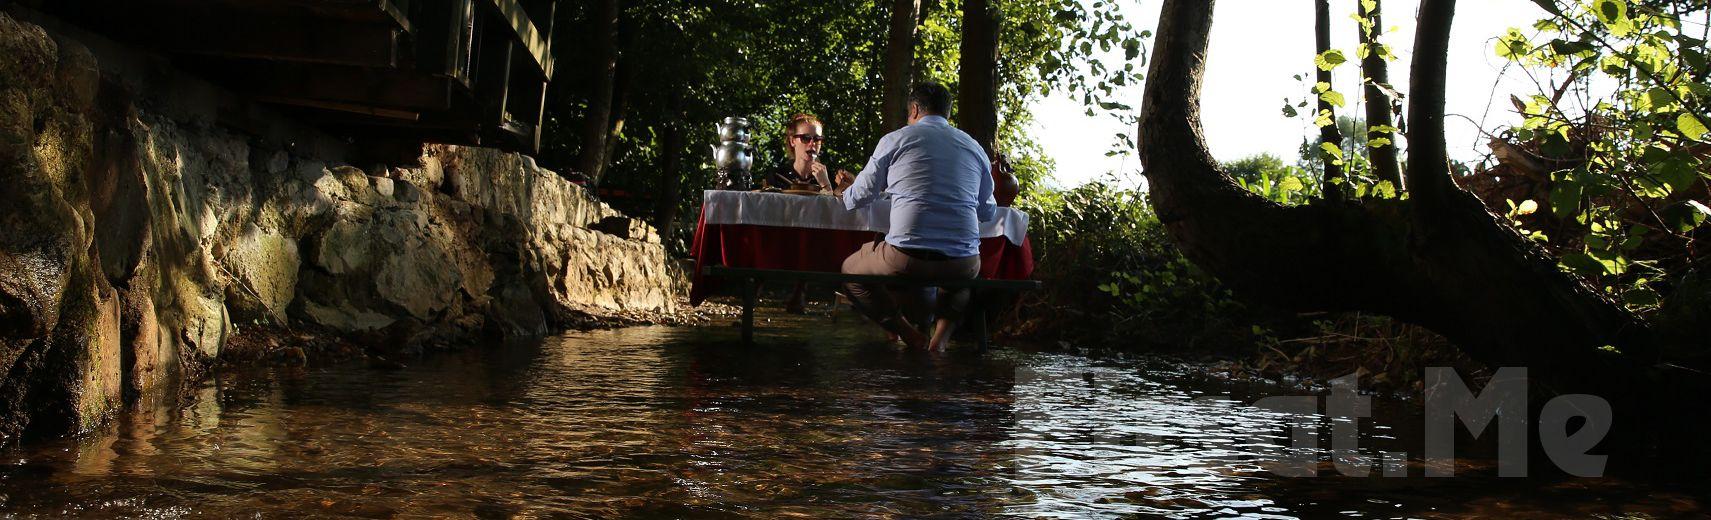 Saklı Cennet Maşukiye Irmak Alabalık'da Odun Fırınında Kiremitte Alabalık veya Köfte Menüleri